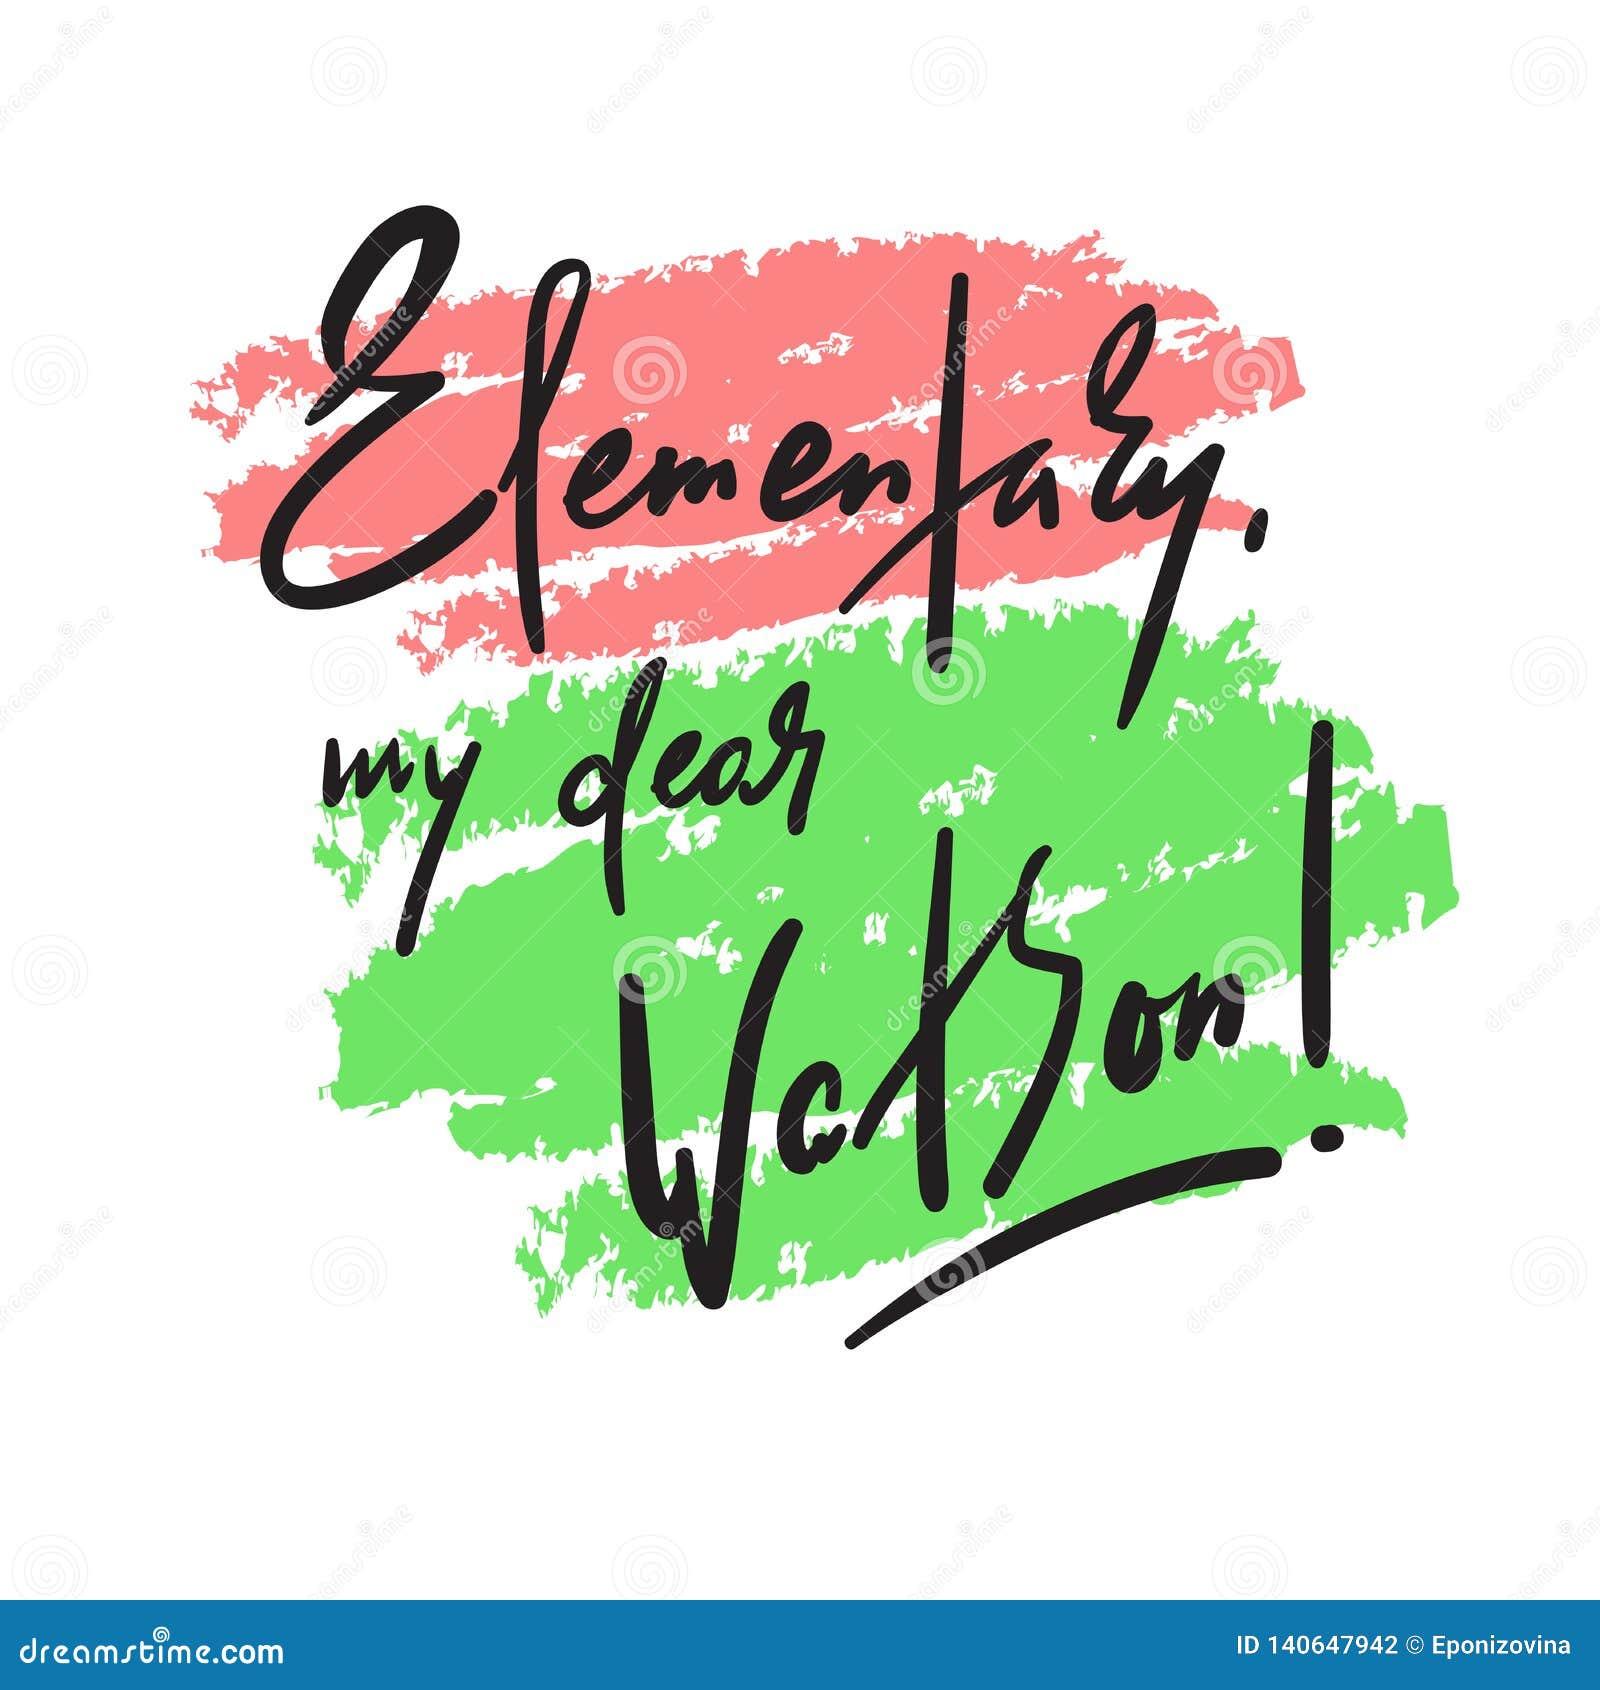 Elementare il mio caro Watson - divertente ispiri la citazione motivazionale